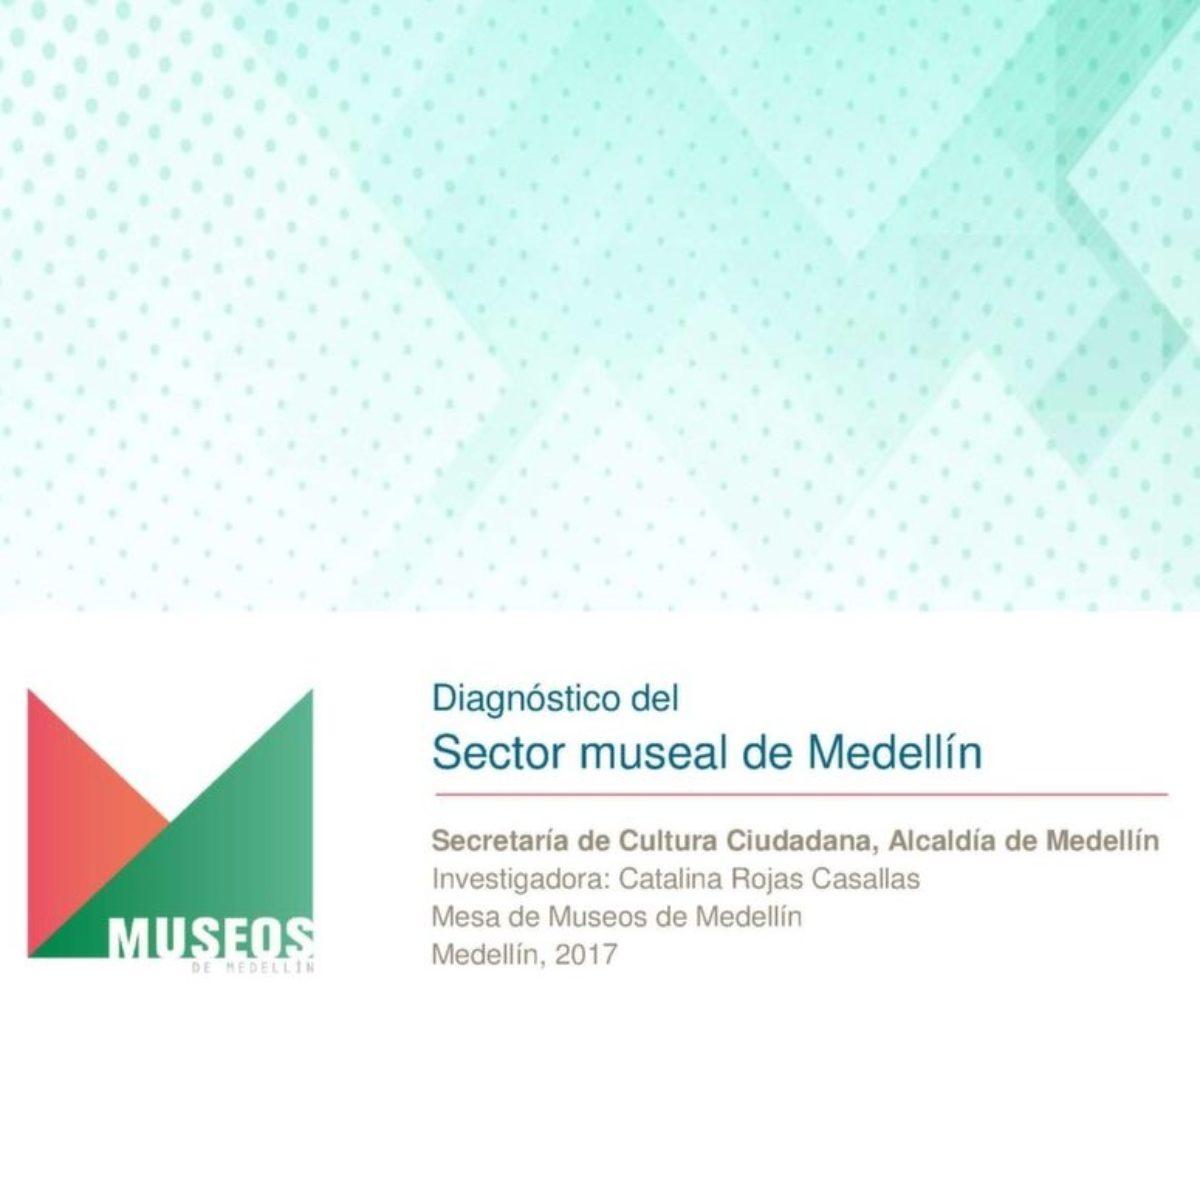 Diagnóstico Museos de Medellín